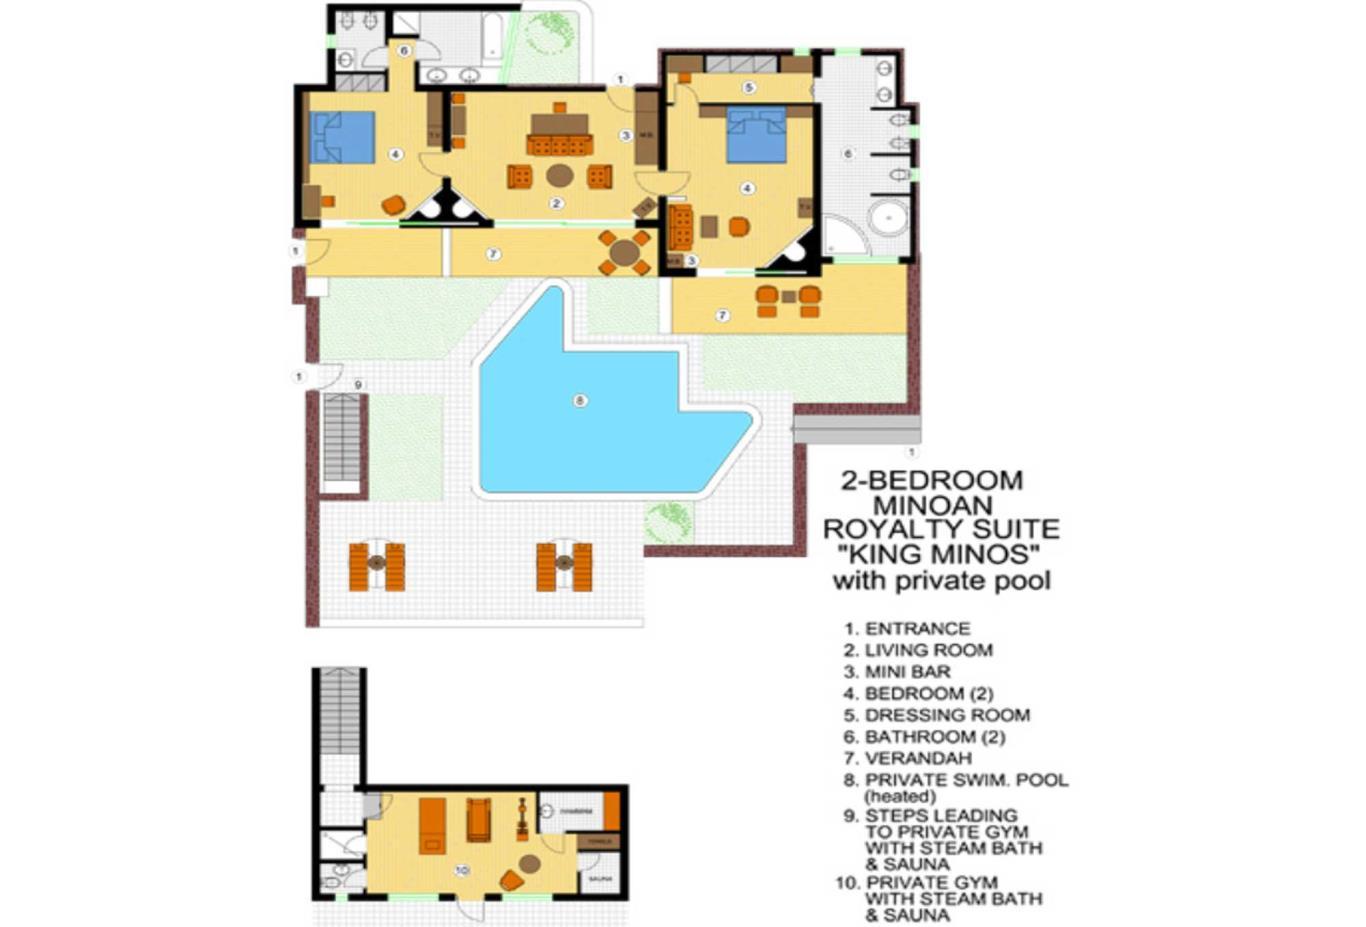 King Minos Suite floorplan